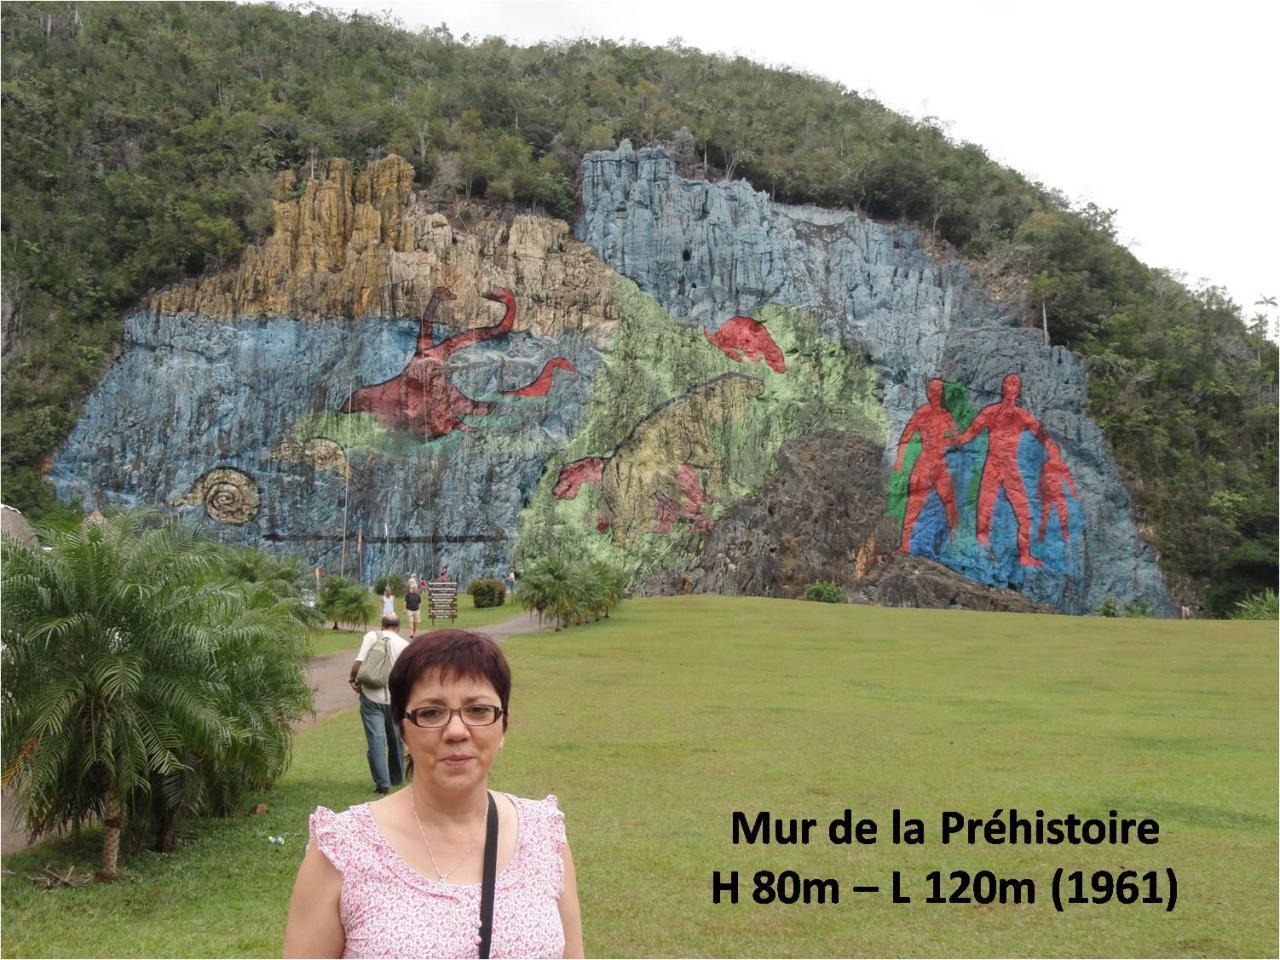 Mur de la Préhistoire